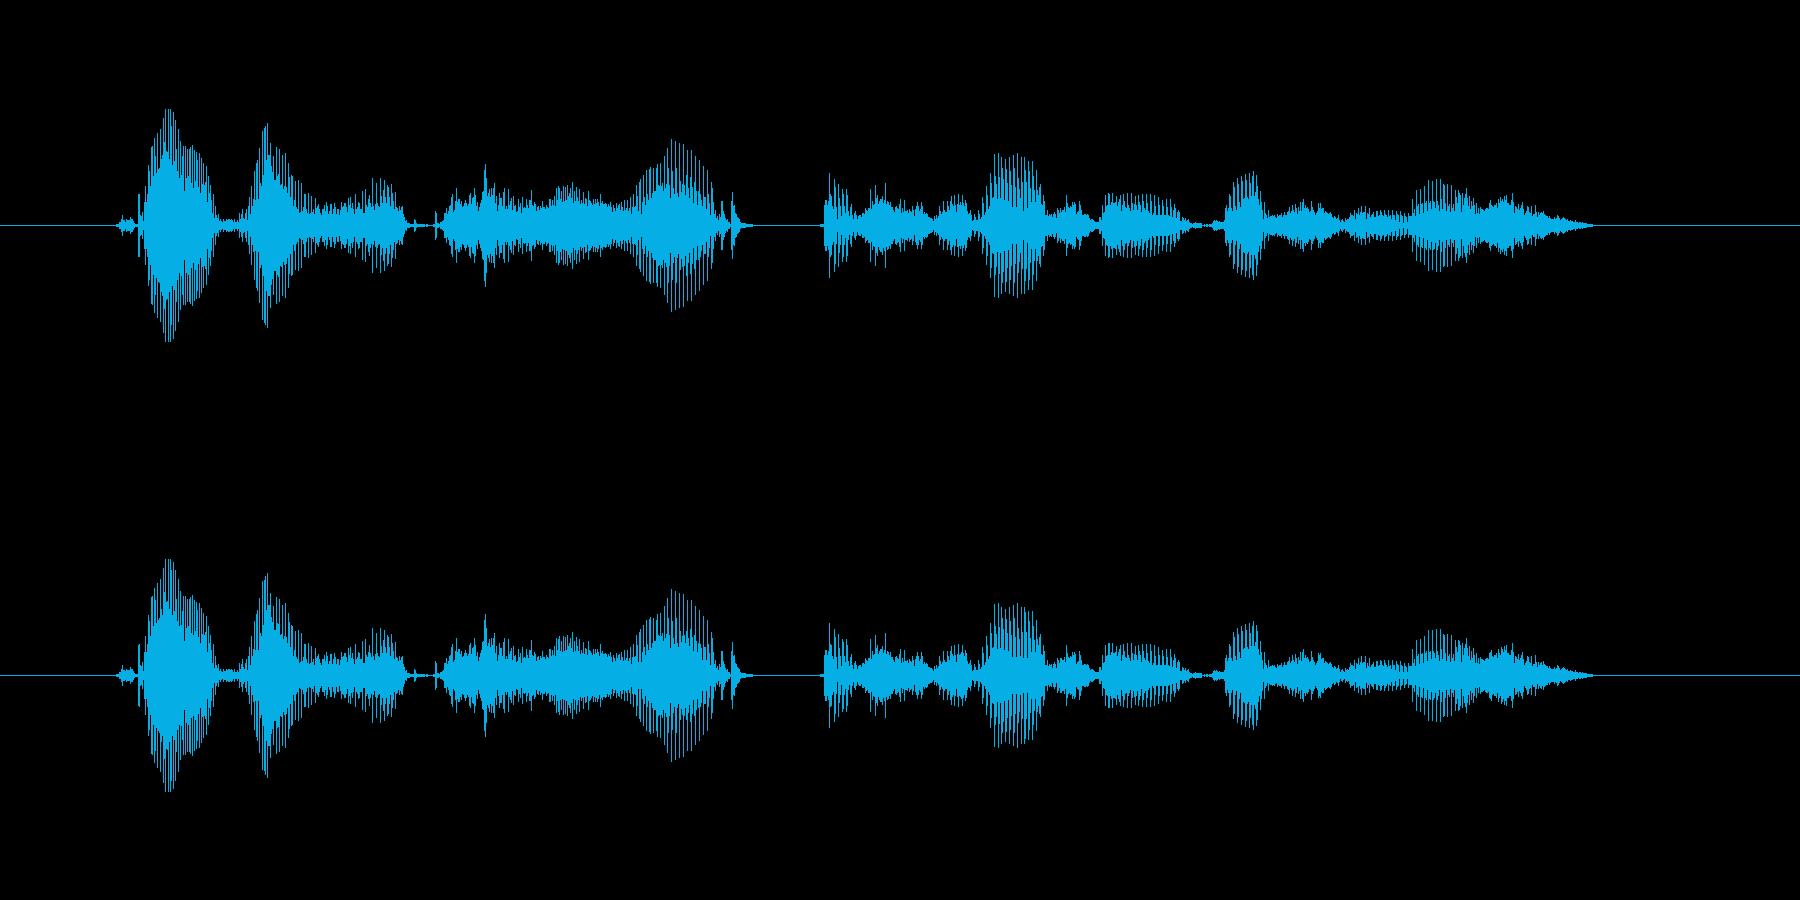 【時報・時間】午後8時を、お知らせいた…の再生済みの波形